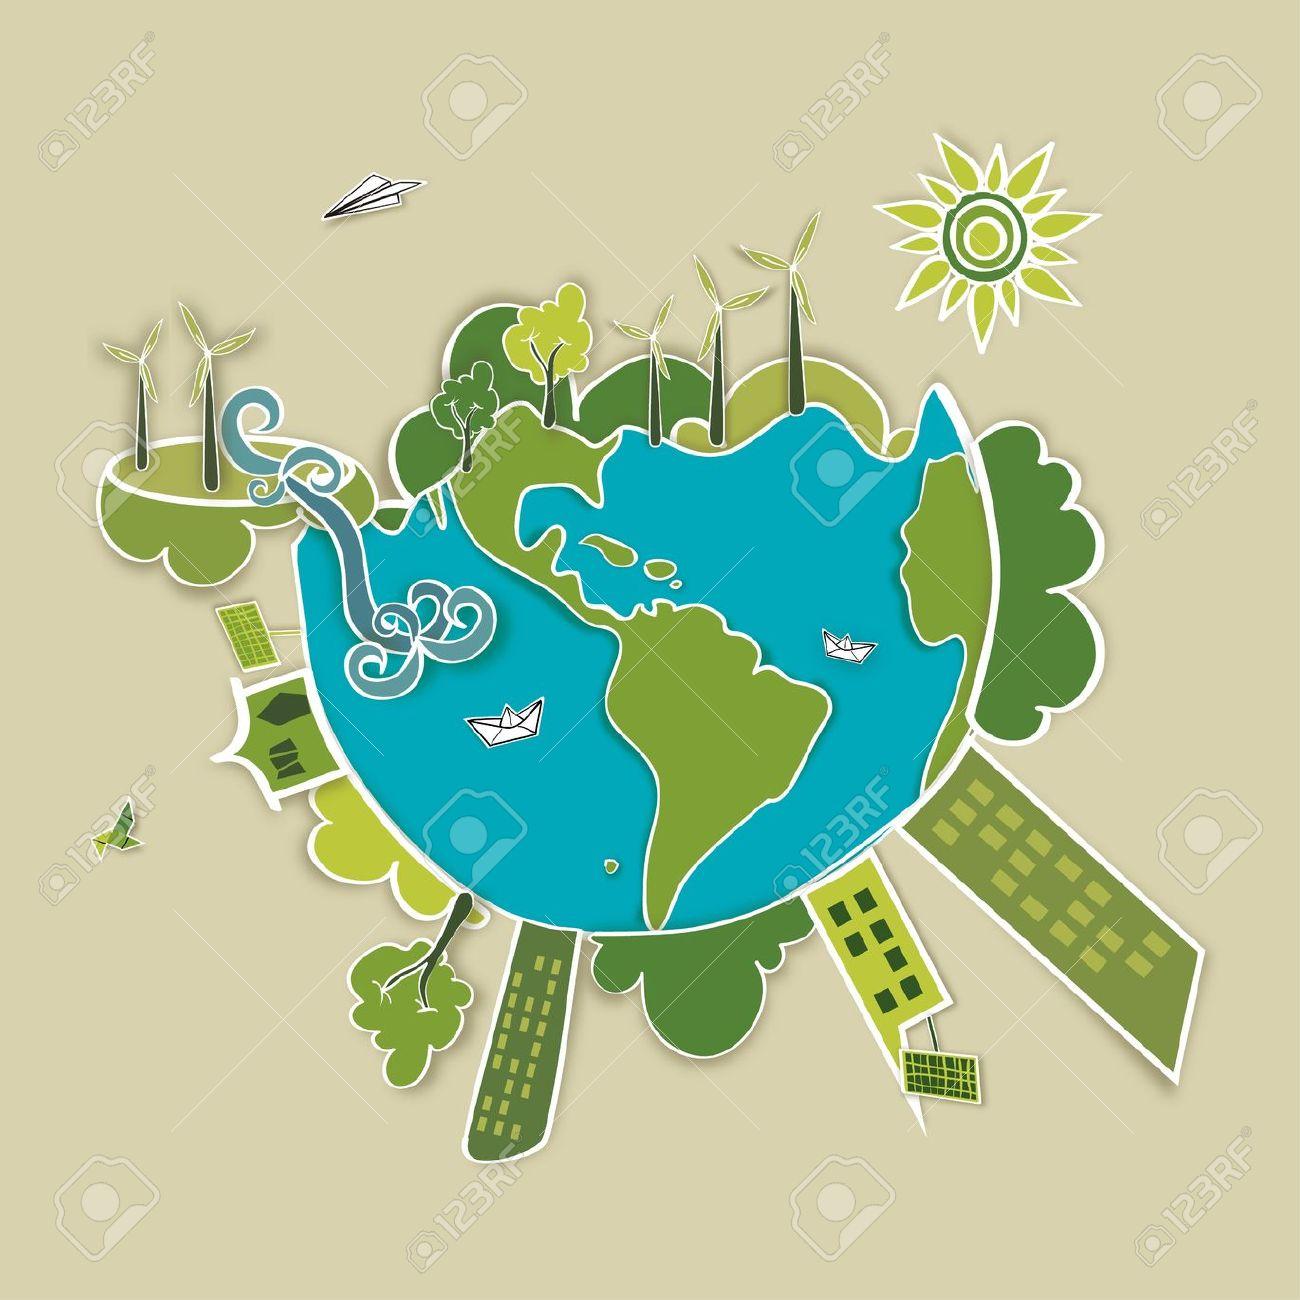 La innovaci n t cnica y desarrollo sustentable informatica for Tecnologia sostenible